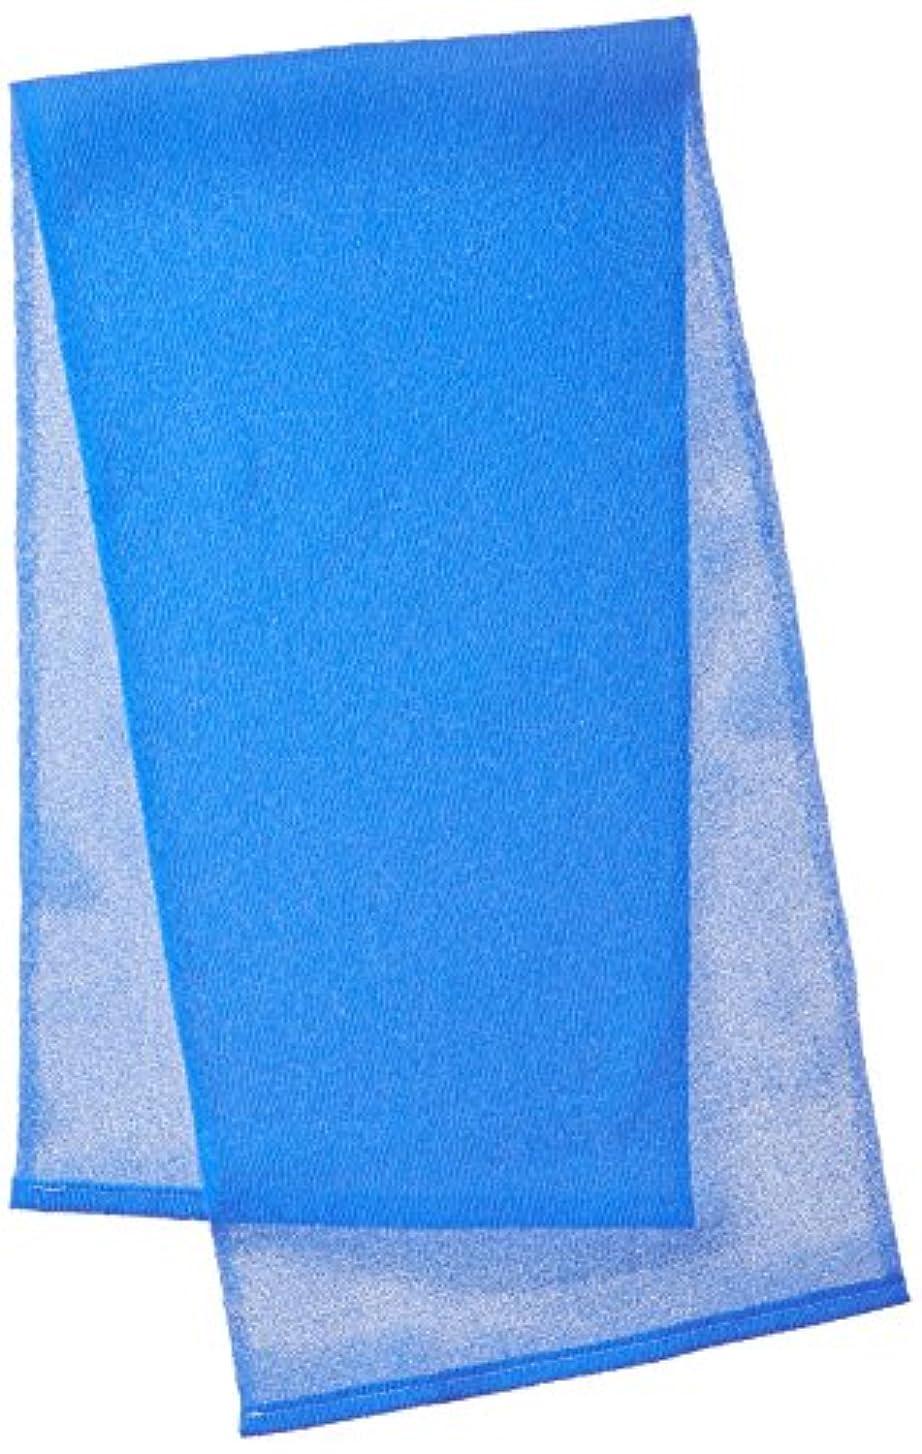 バラエティ以内に討論キクロン メンズ用 グッメン オトコのボディタオル ベリーハード スプラッシュブルー